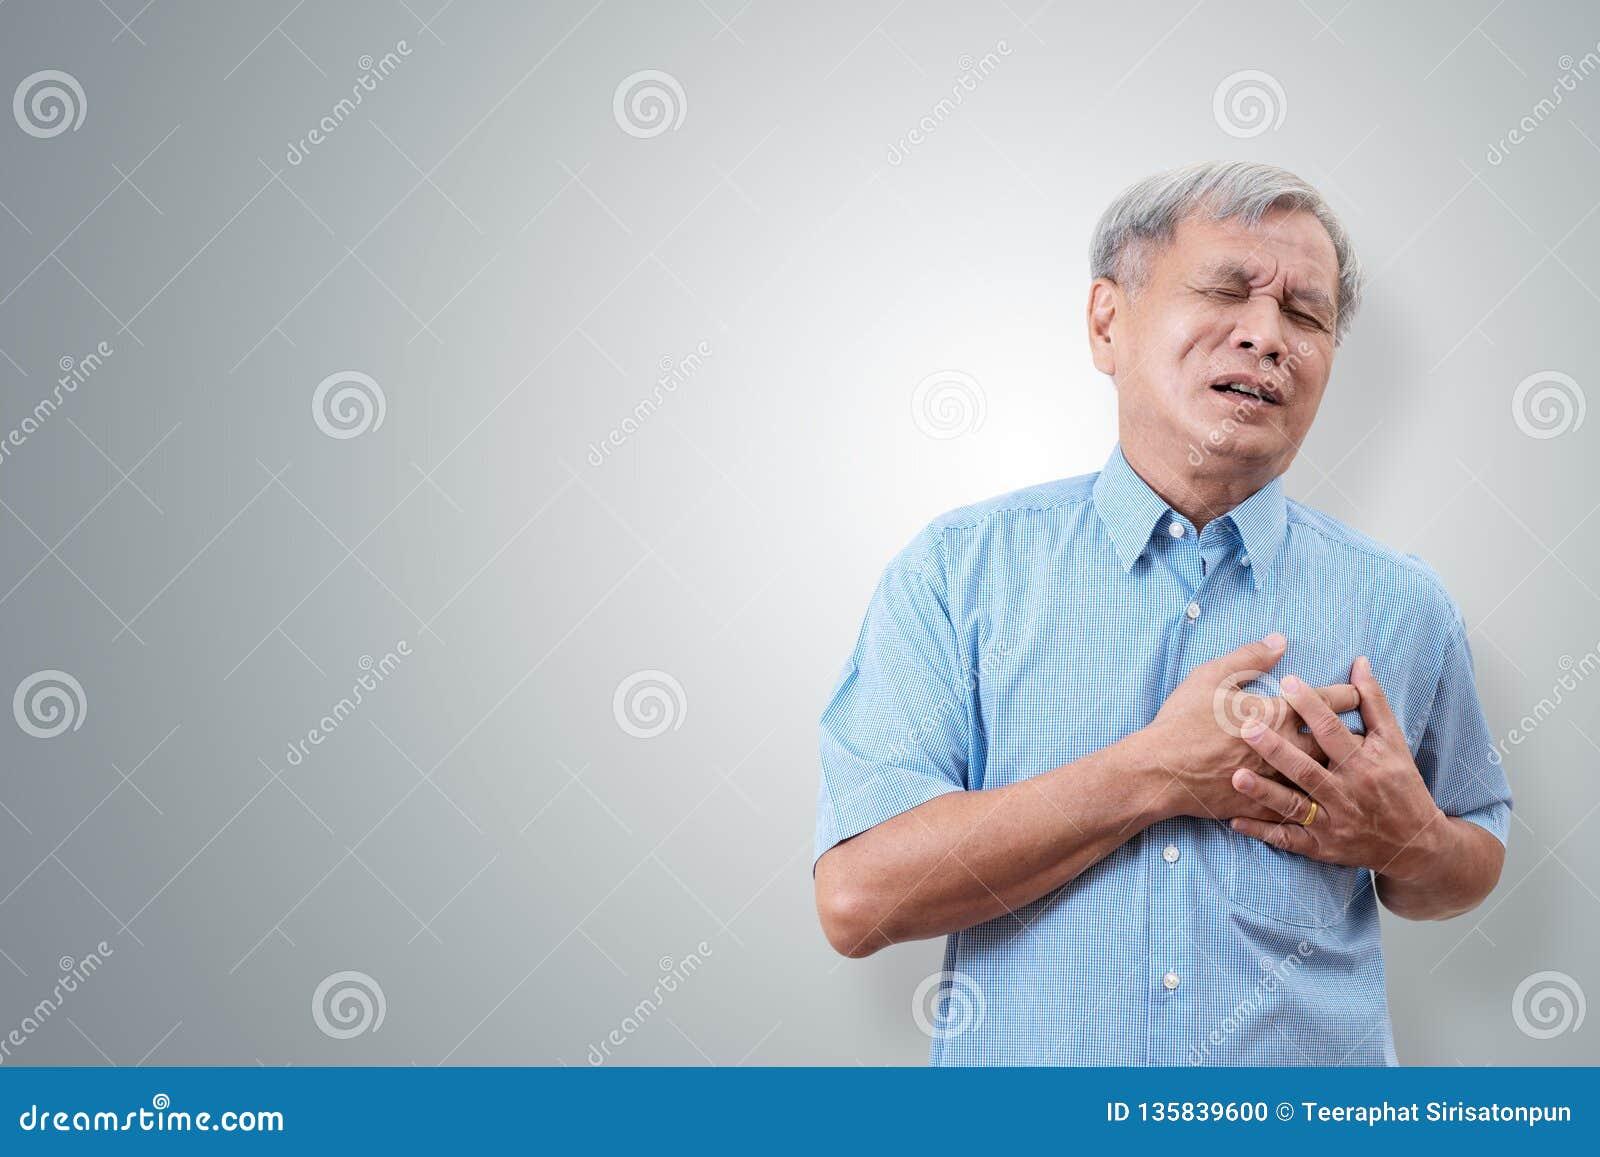 Более старый азиатский человек схватывая и имея причину боли в груди от сердечного приступа Сердечная болезнь в старшем человеке